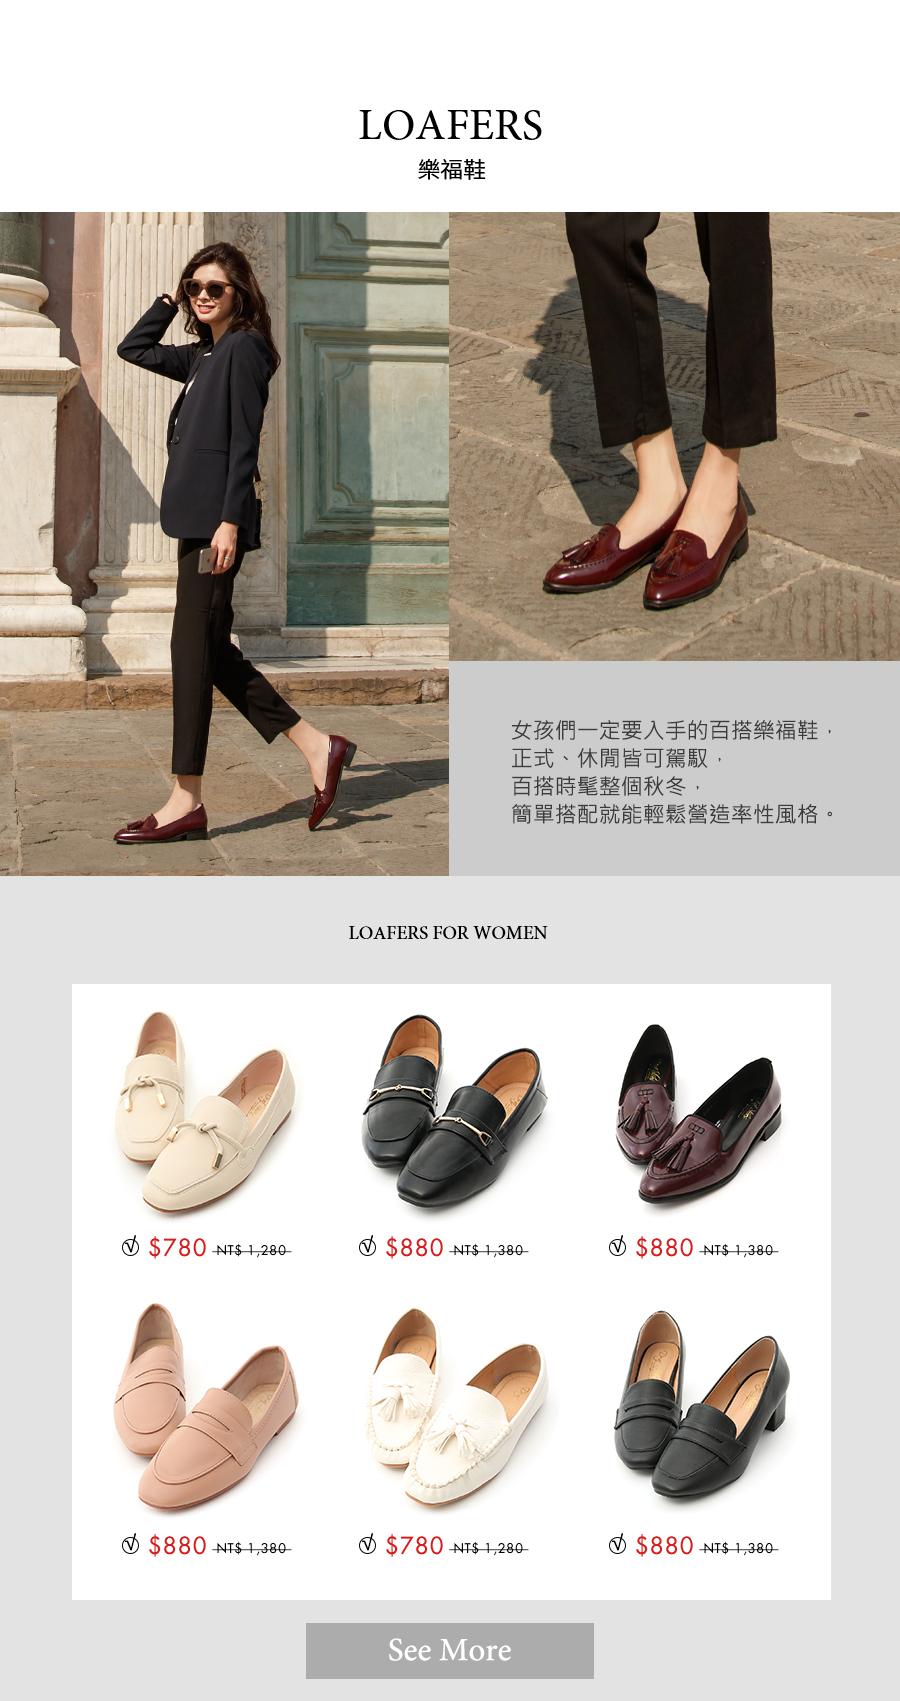 金屬涼鞋Metallic Sandals